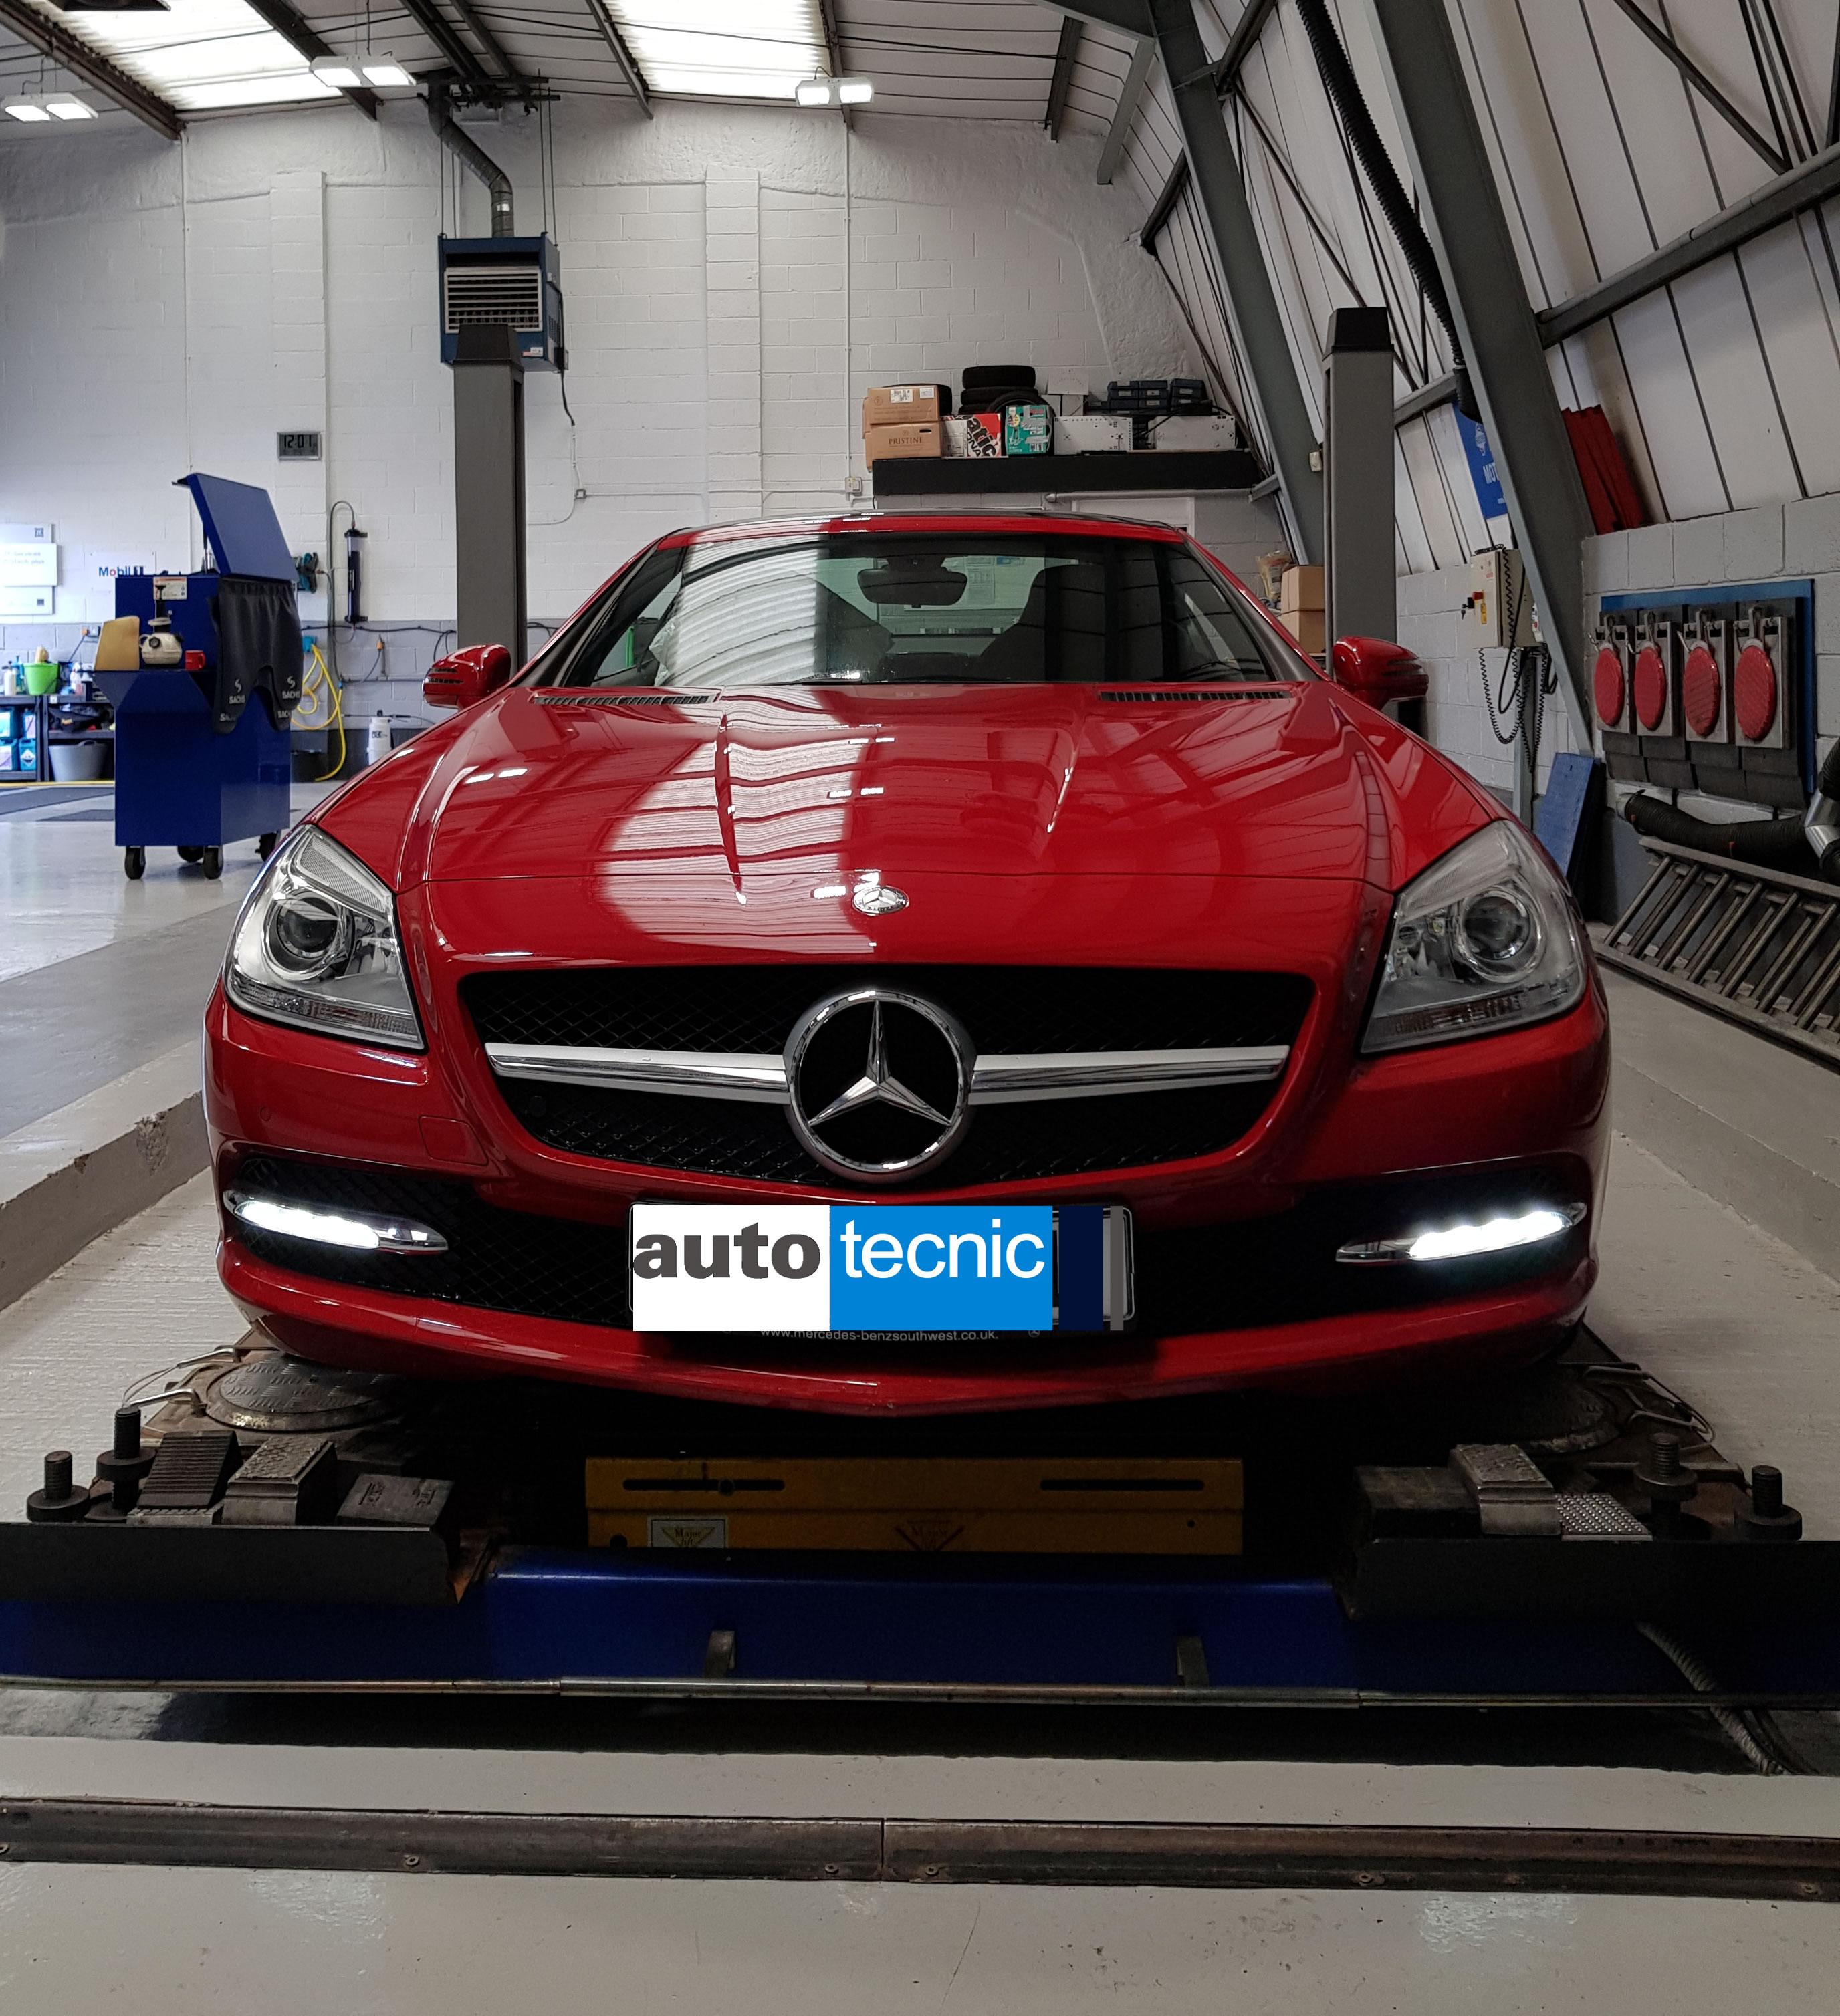 Mercedes SLK 250 CDi - Autotecnic